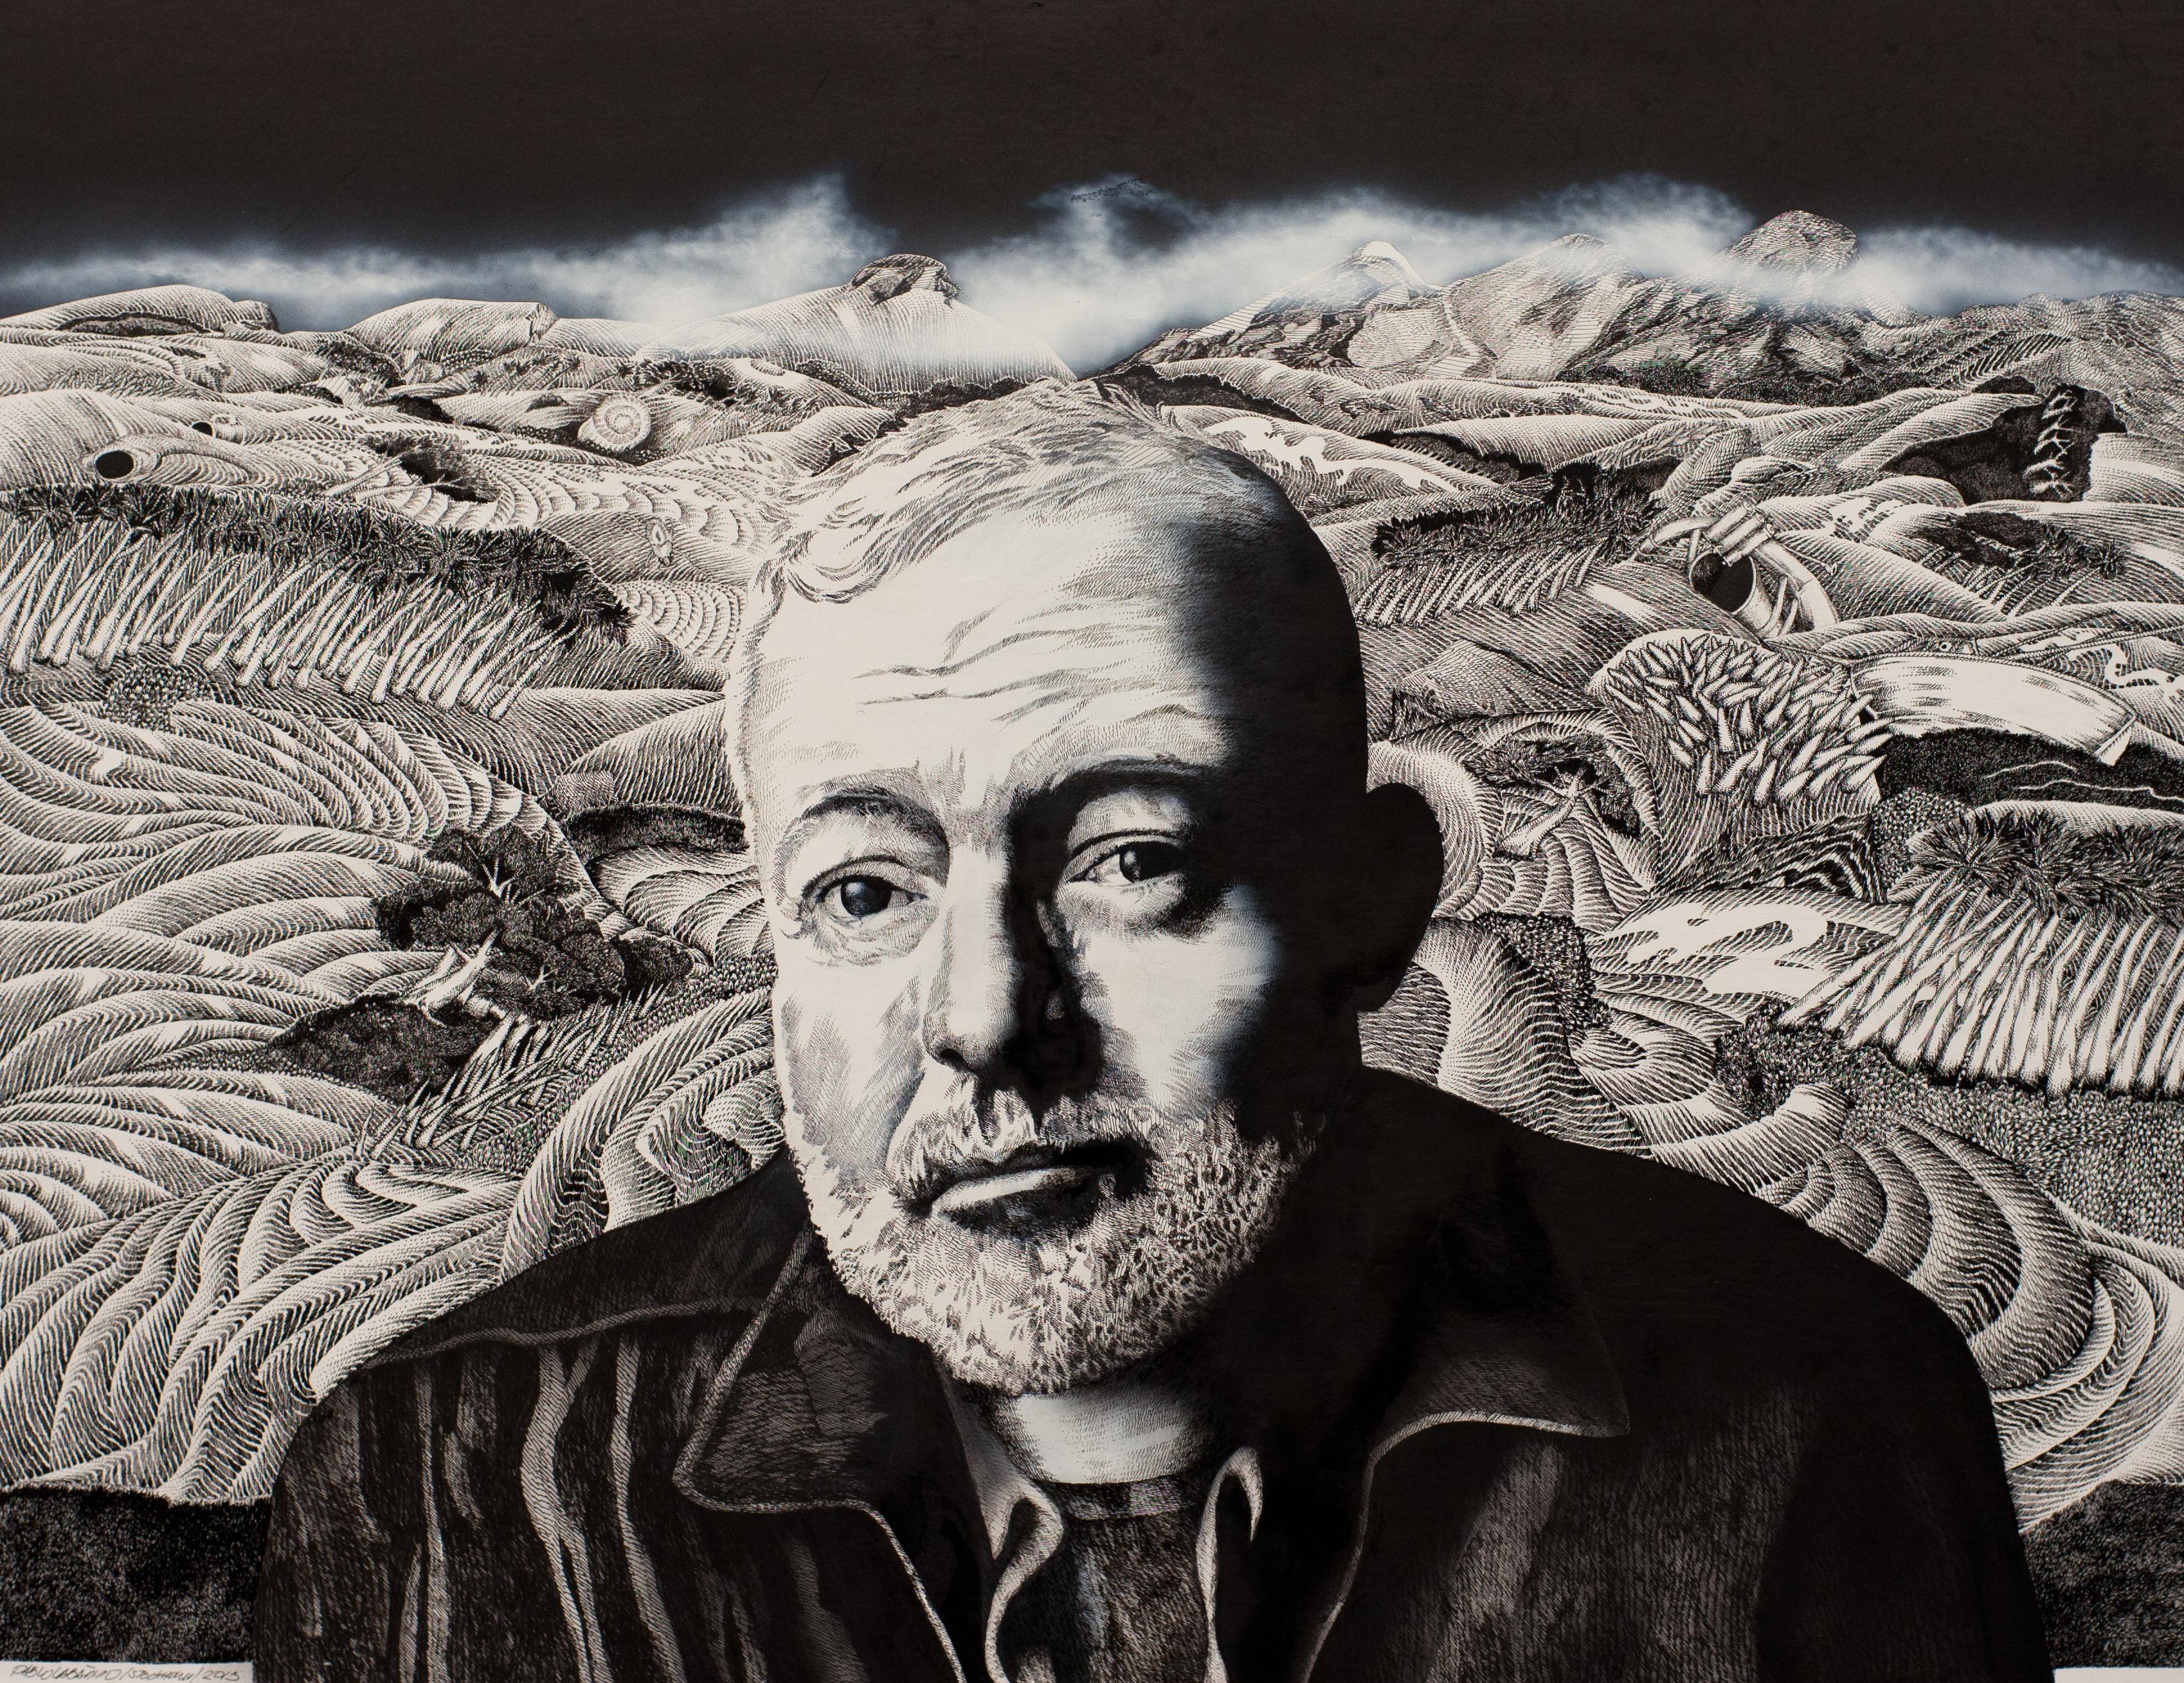 Hemingway No. 2